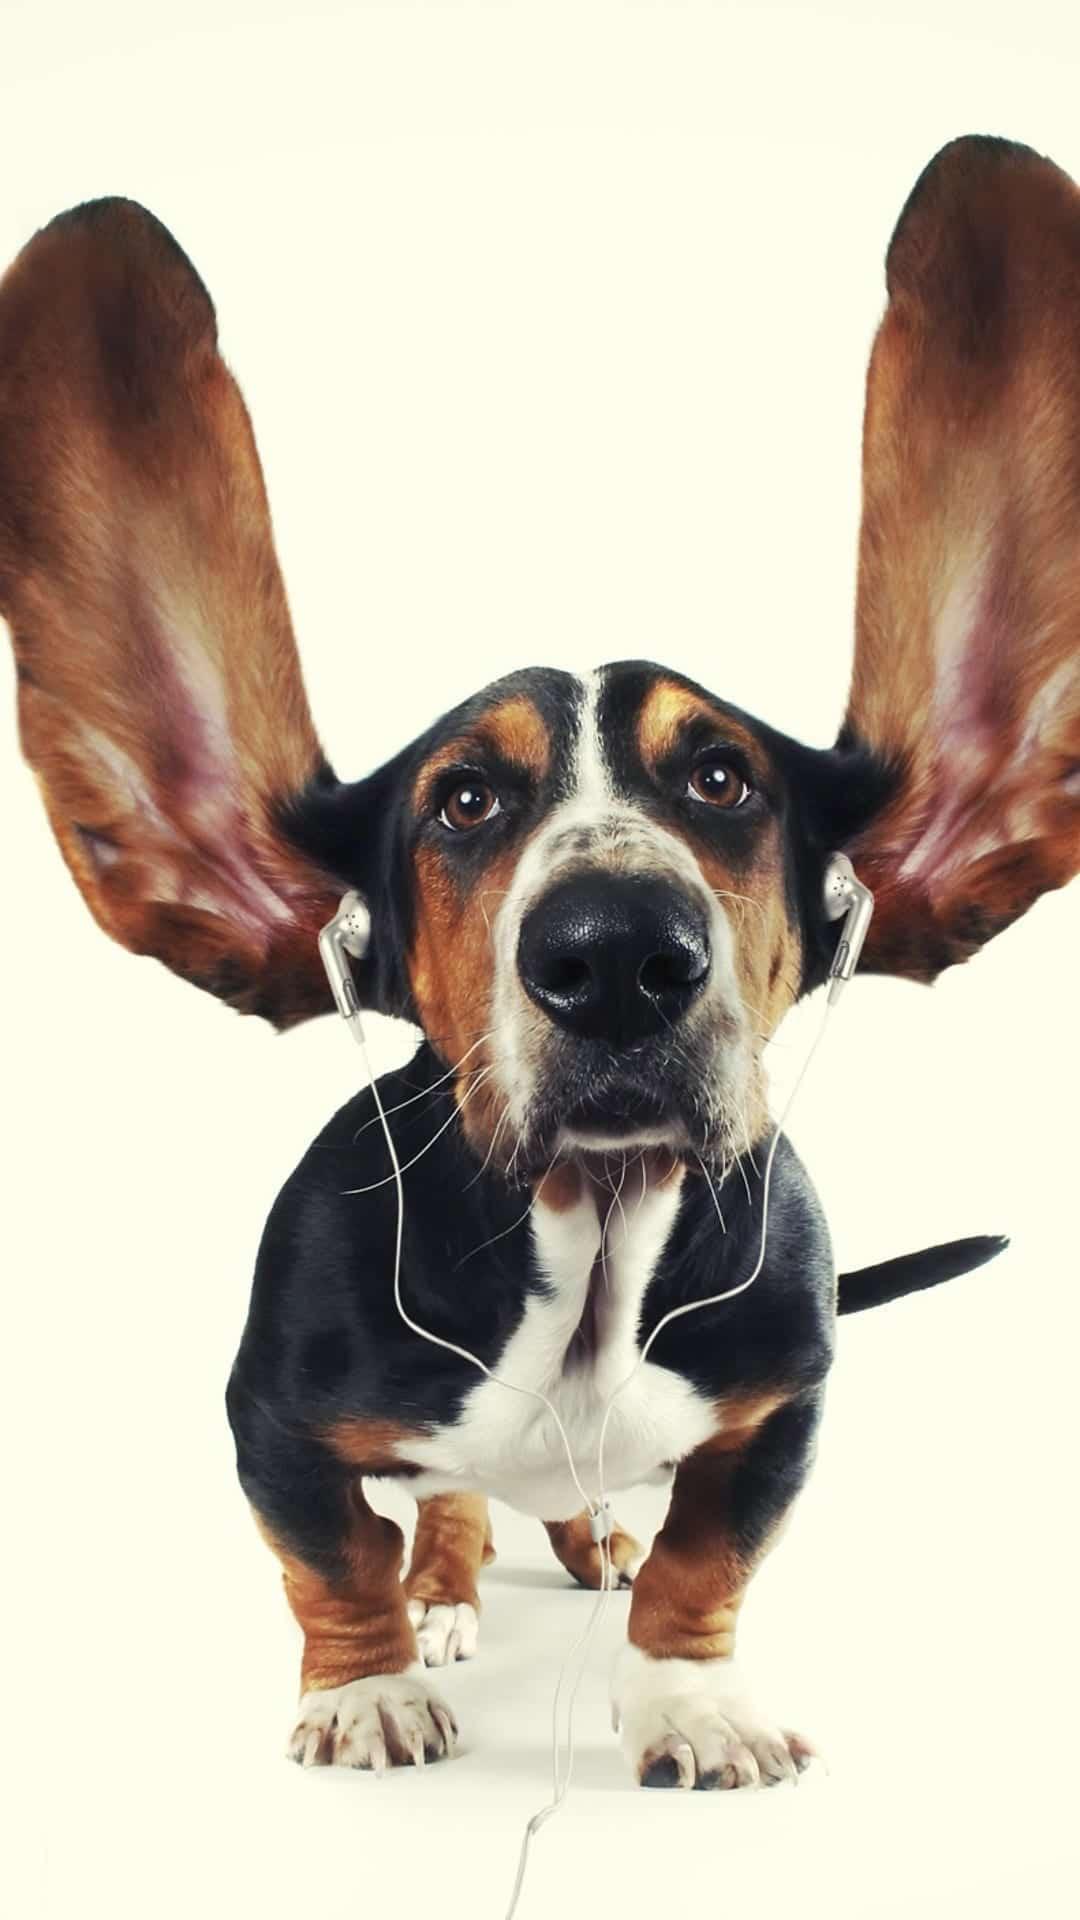 Versiculos De La Biblia De Animo: Fondos De Pantalla De Animales Para IPhone